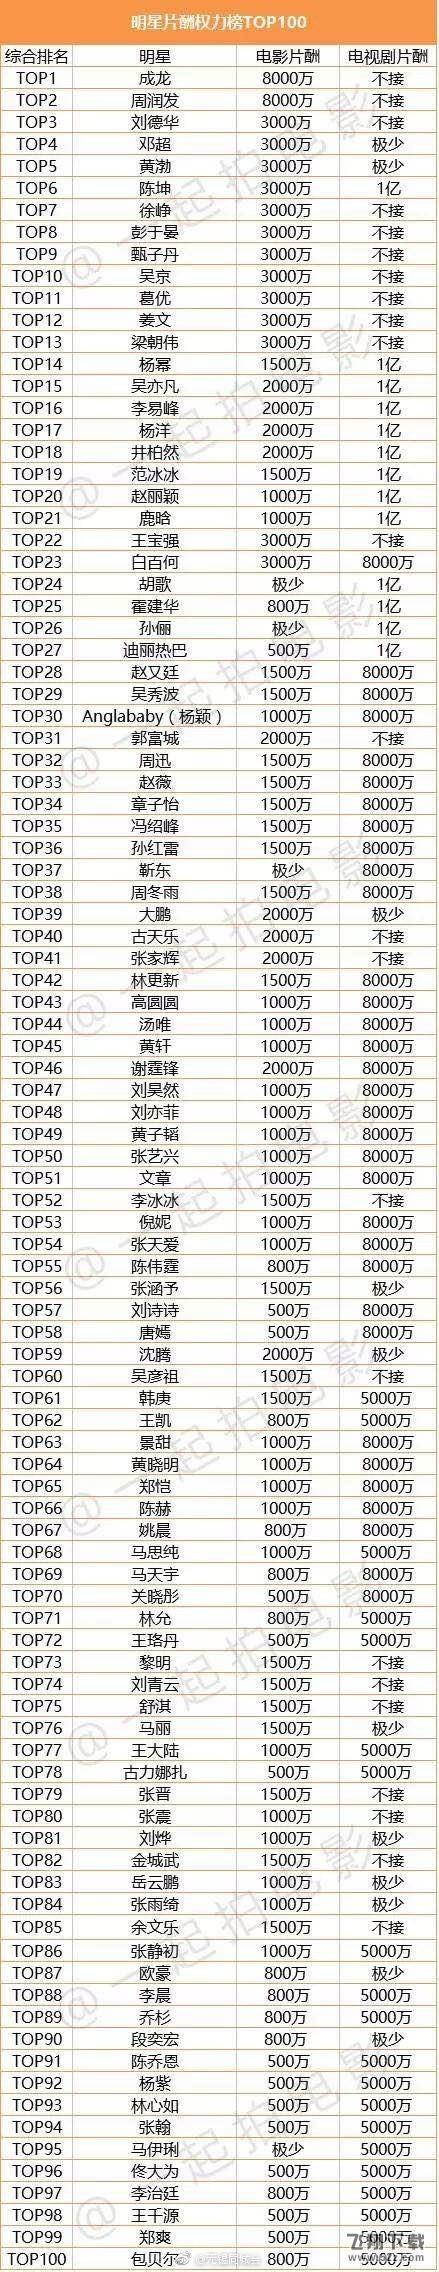 中国明星片酬排行榜TOP100